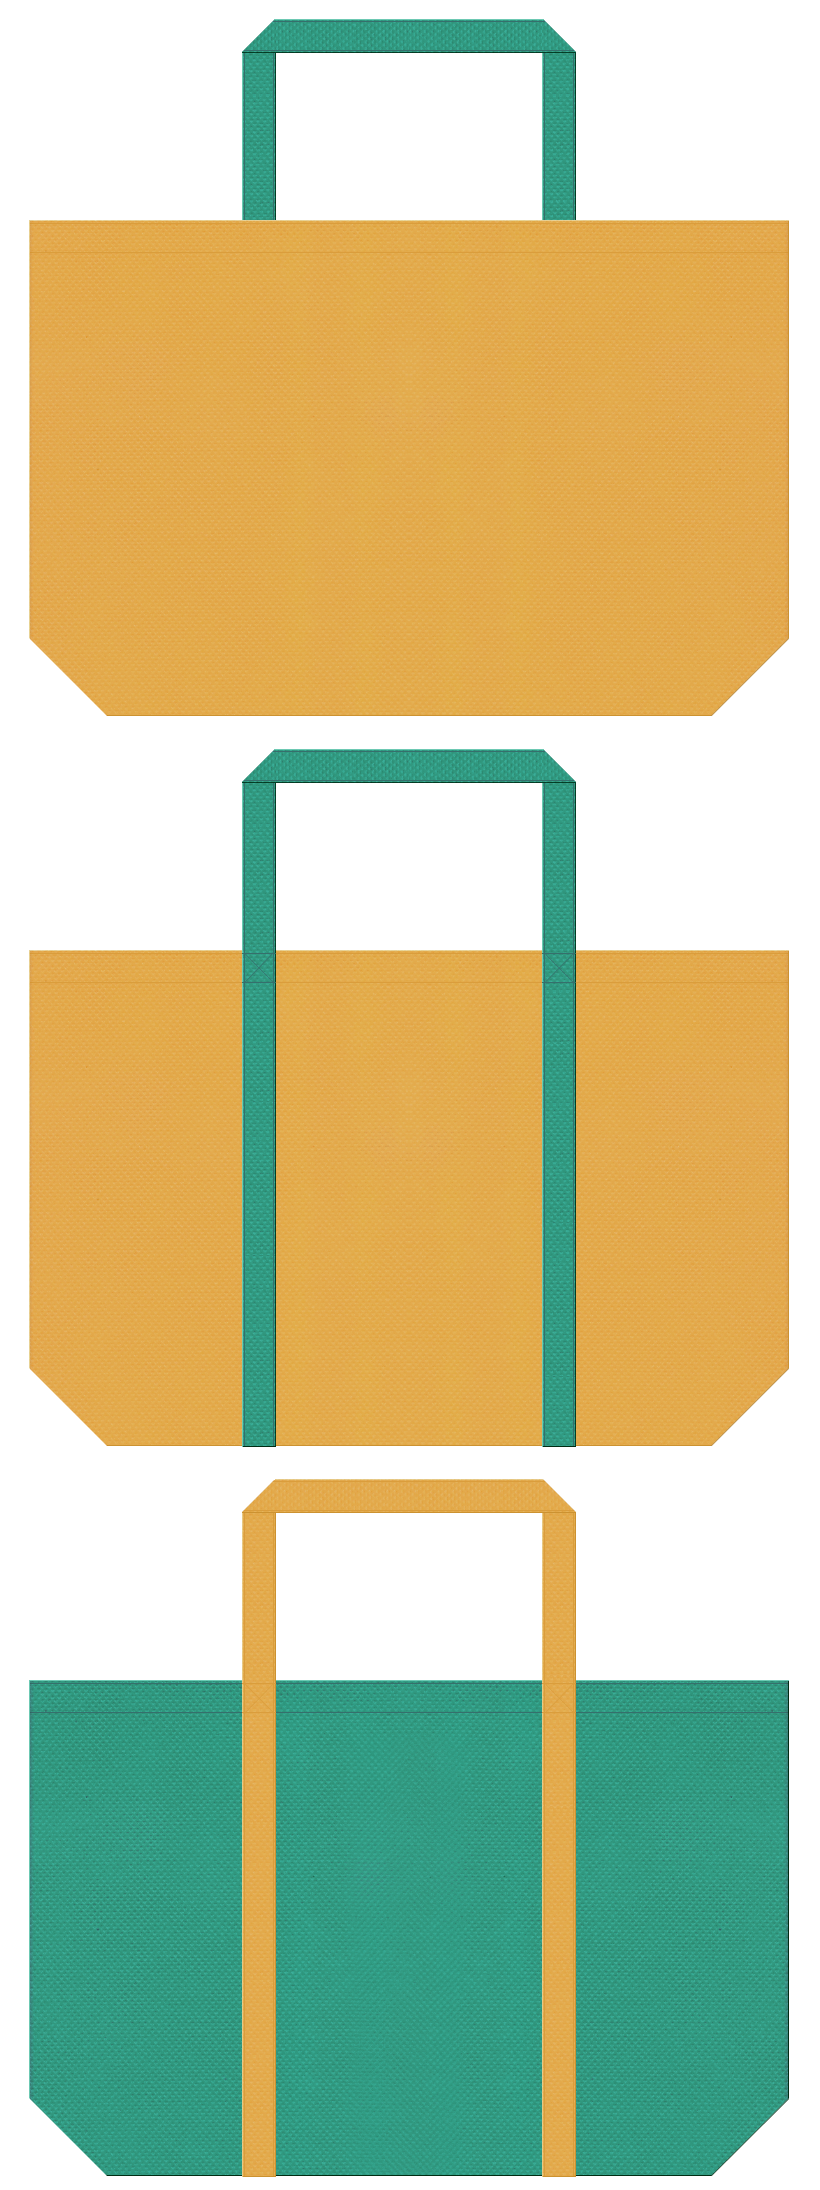 酪農・牧場・農業・種苗・肥料・野菜・産直市場のショッピングバッグにお奨めの不織布バッグデザイン:黄土色と青緑色のコーデ